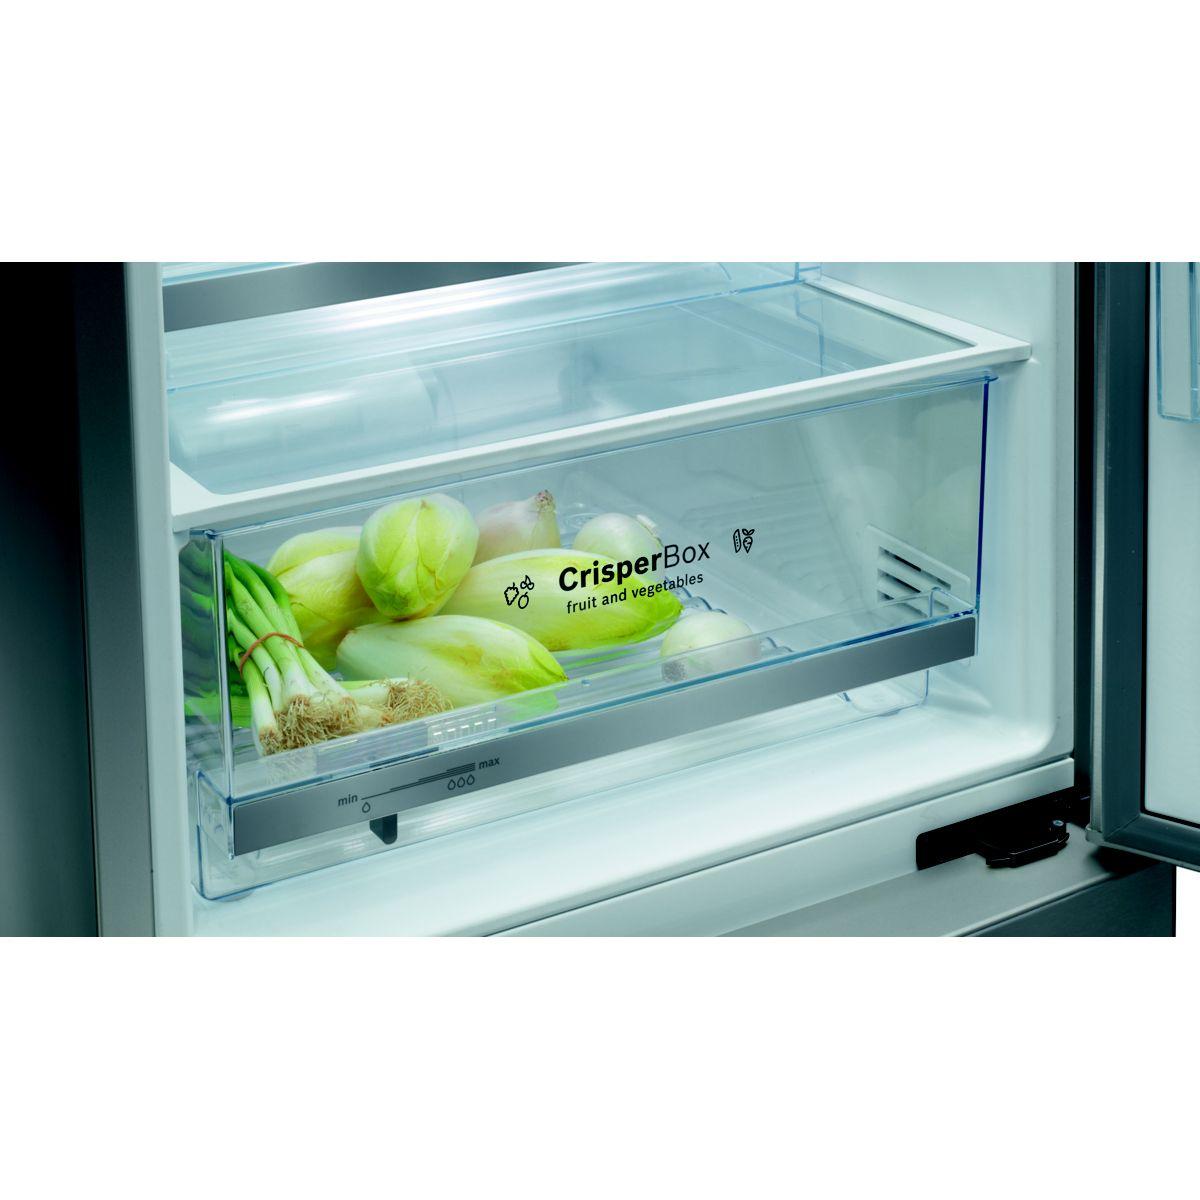 Réfrigérateur congélateur en bas bosch kgv36vw32s - 2% de remise : code gam2 (photo)